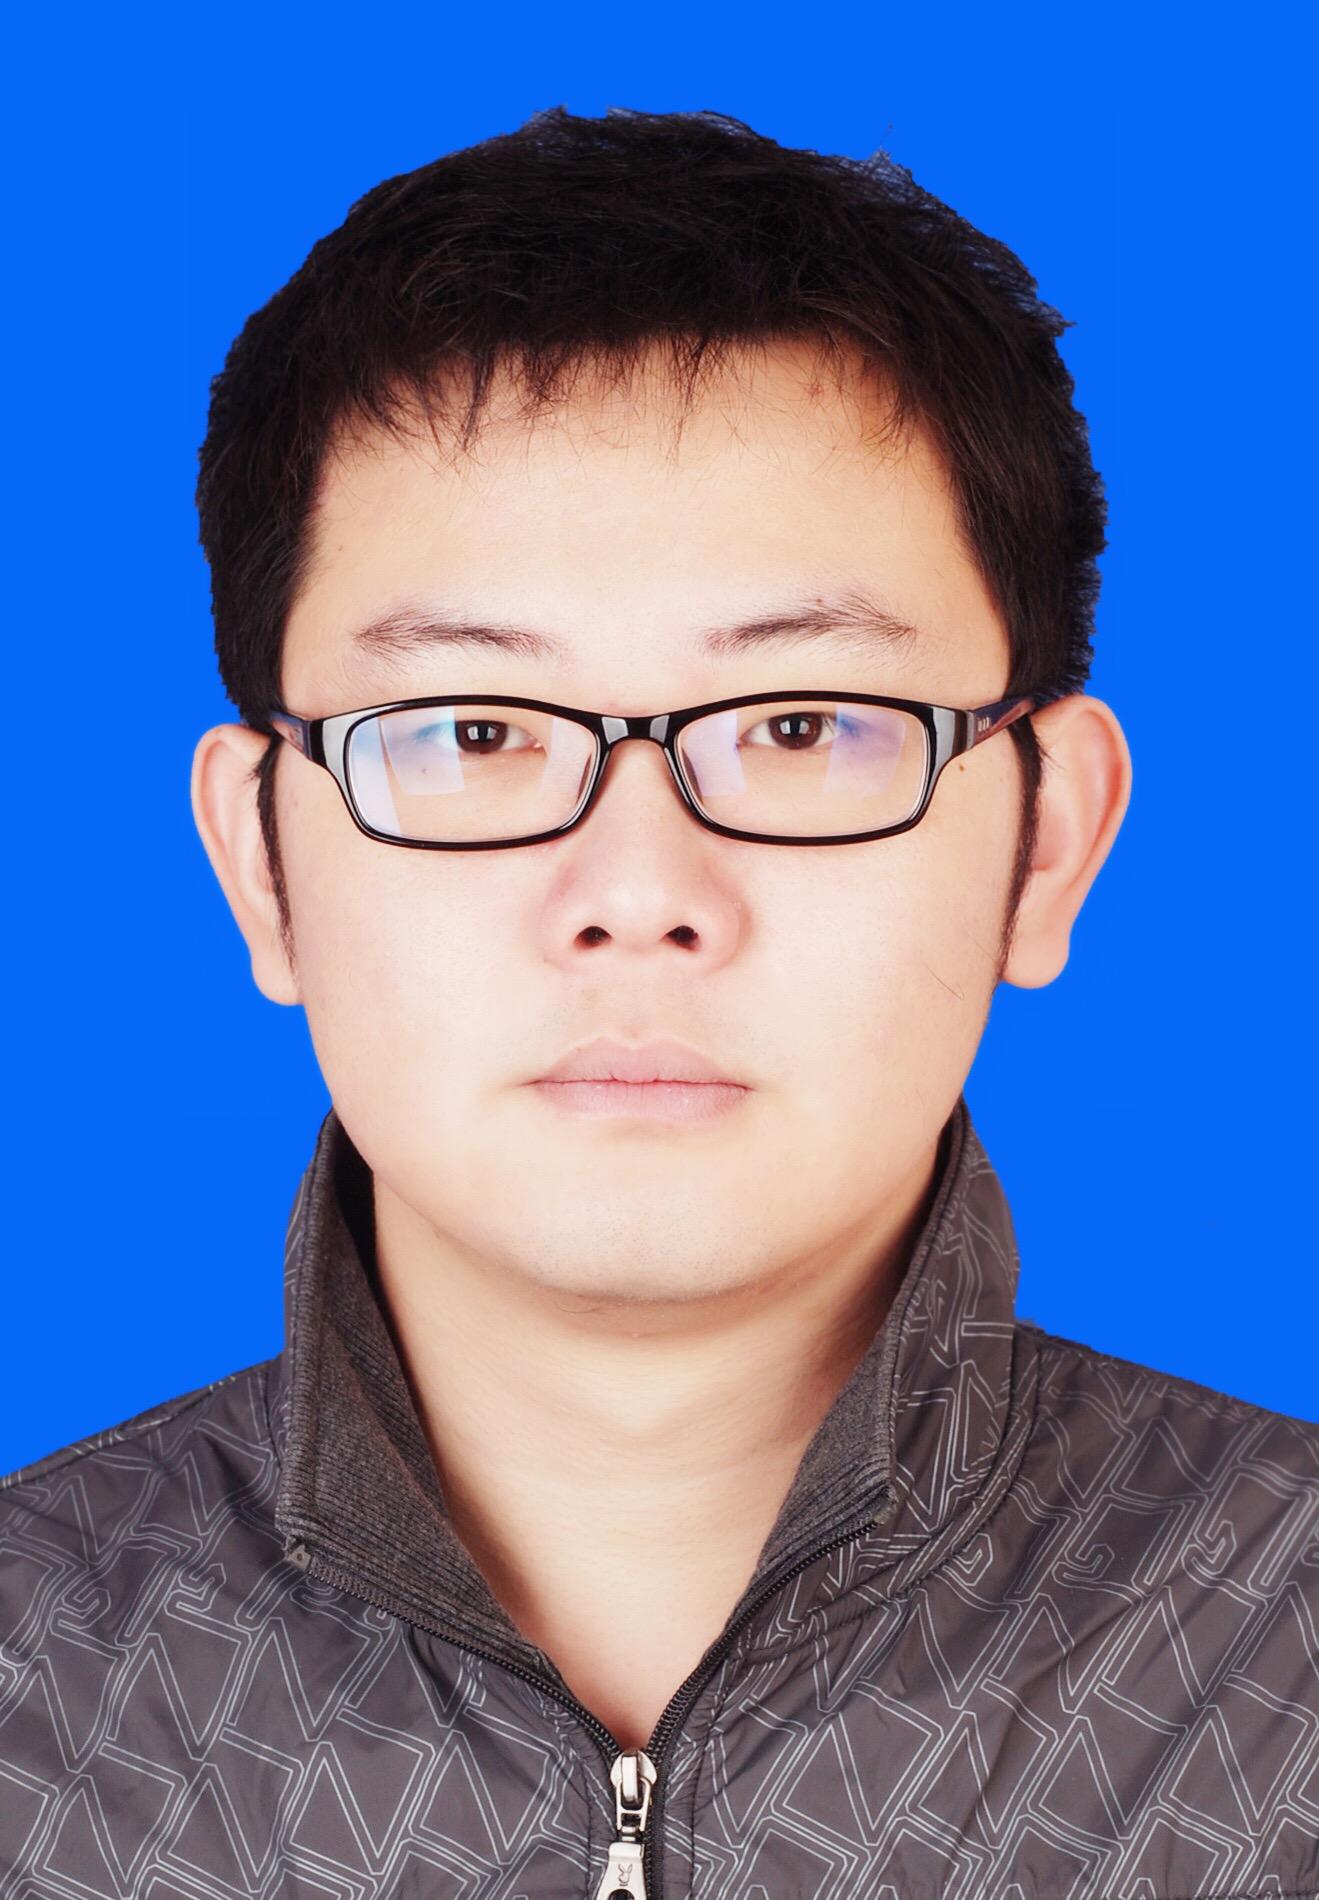 人立方智能科技有限公司经理柳先文照片